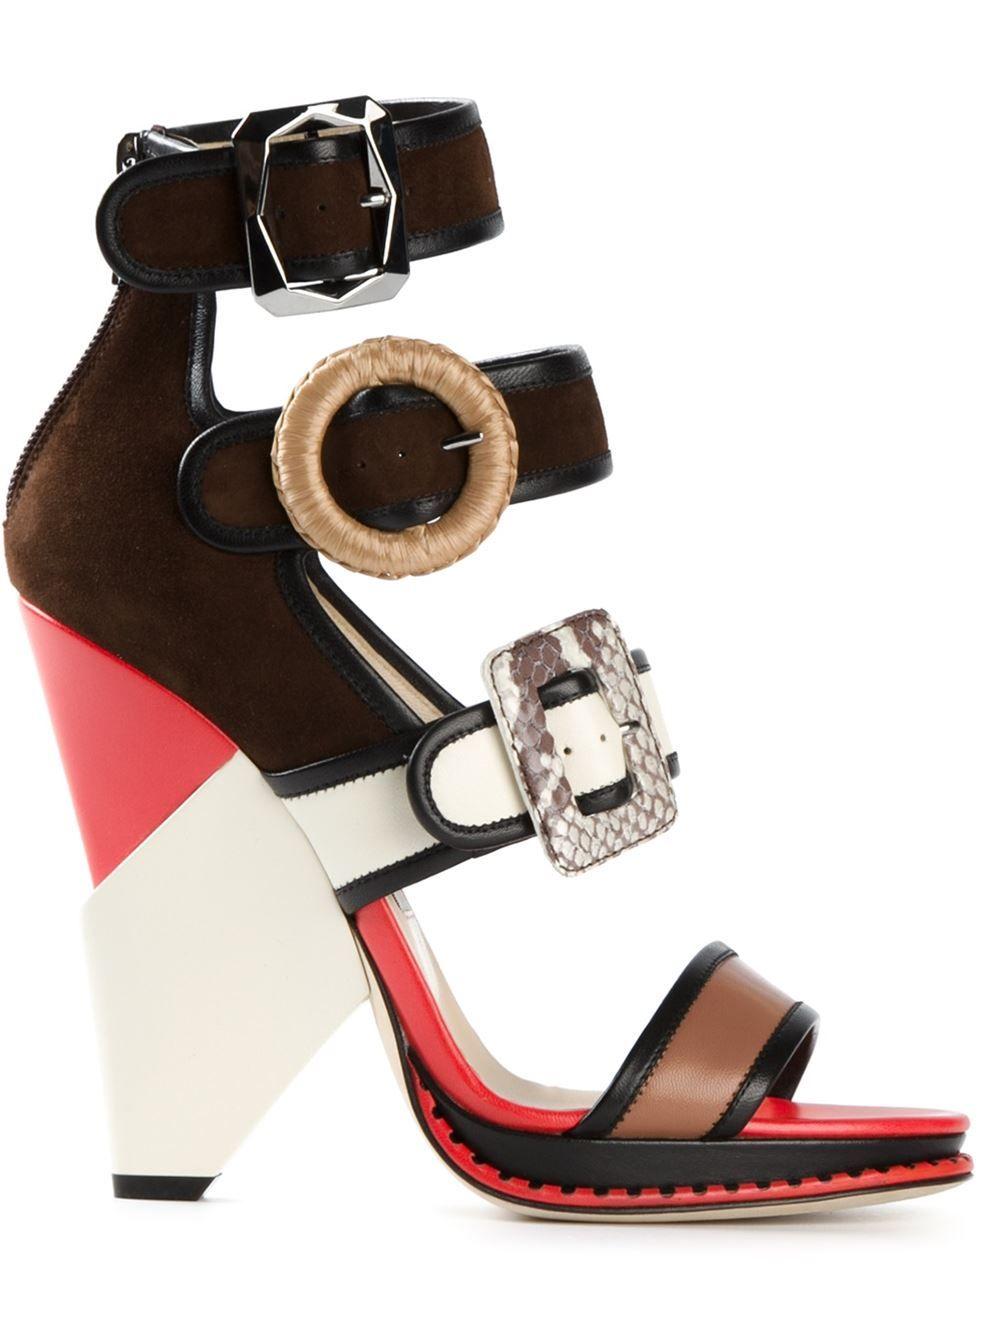 FOOTWEAR - Sandals Stefania p8Bv7Q8L